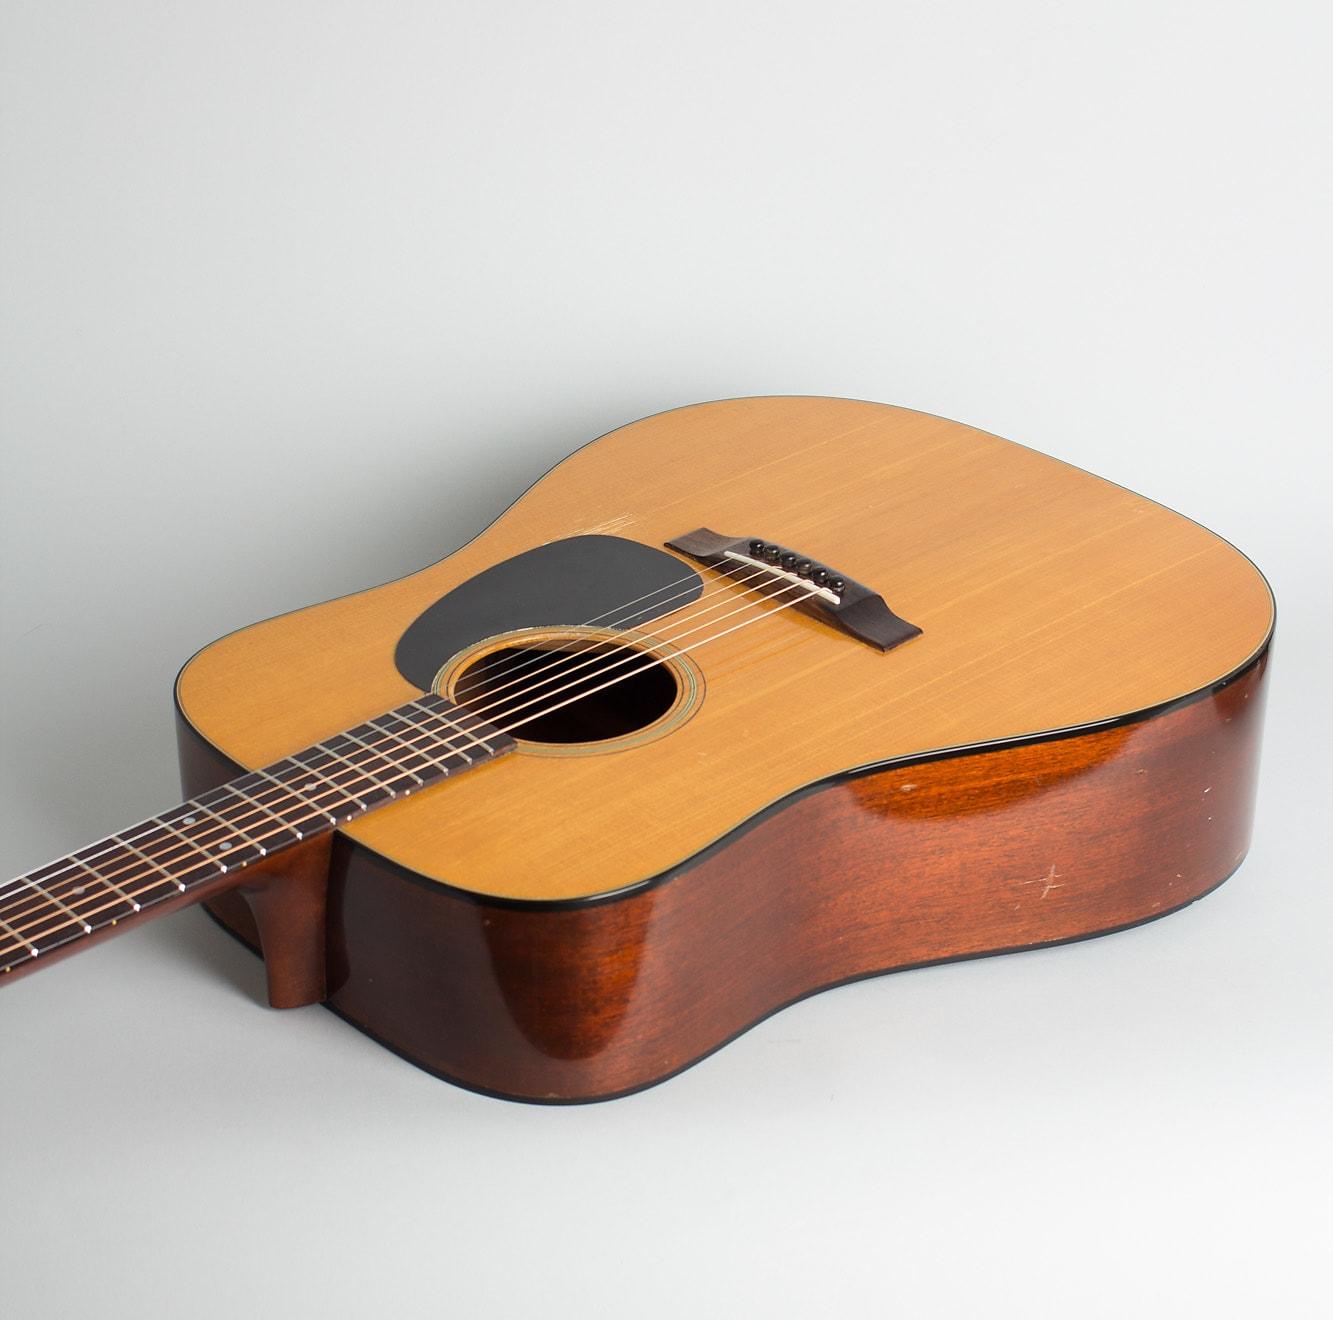 C F Martin D 18 Flat Top Acoustic Guitar 1971 Ser 291366